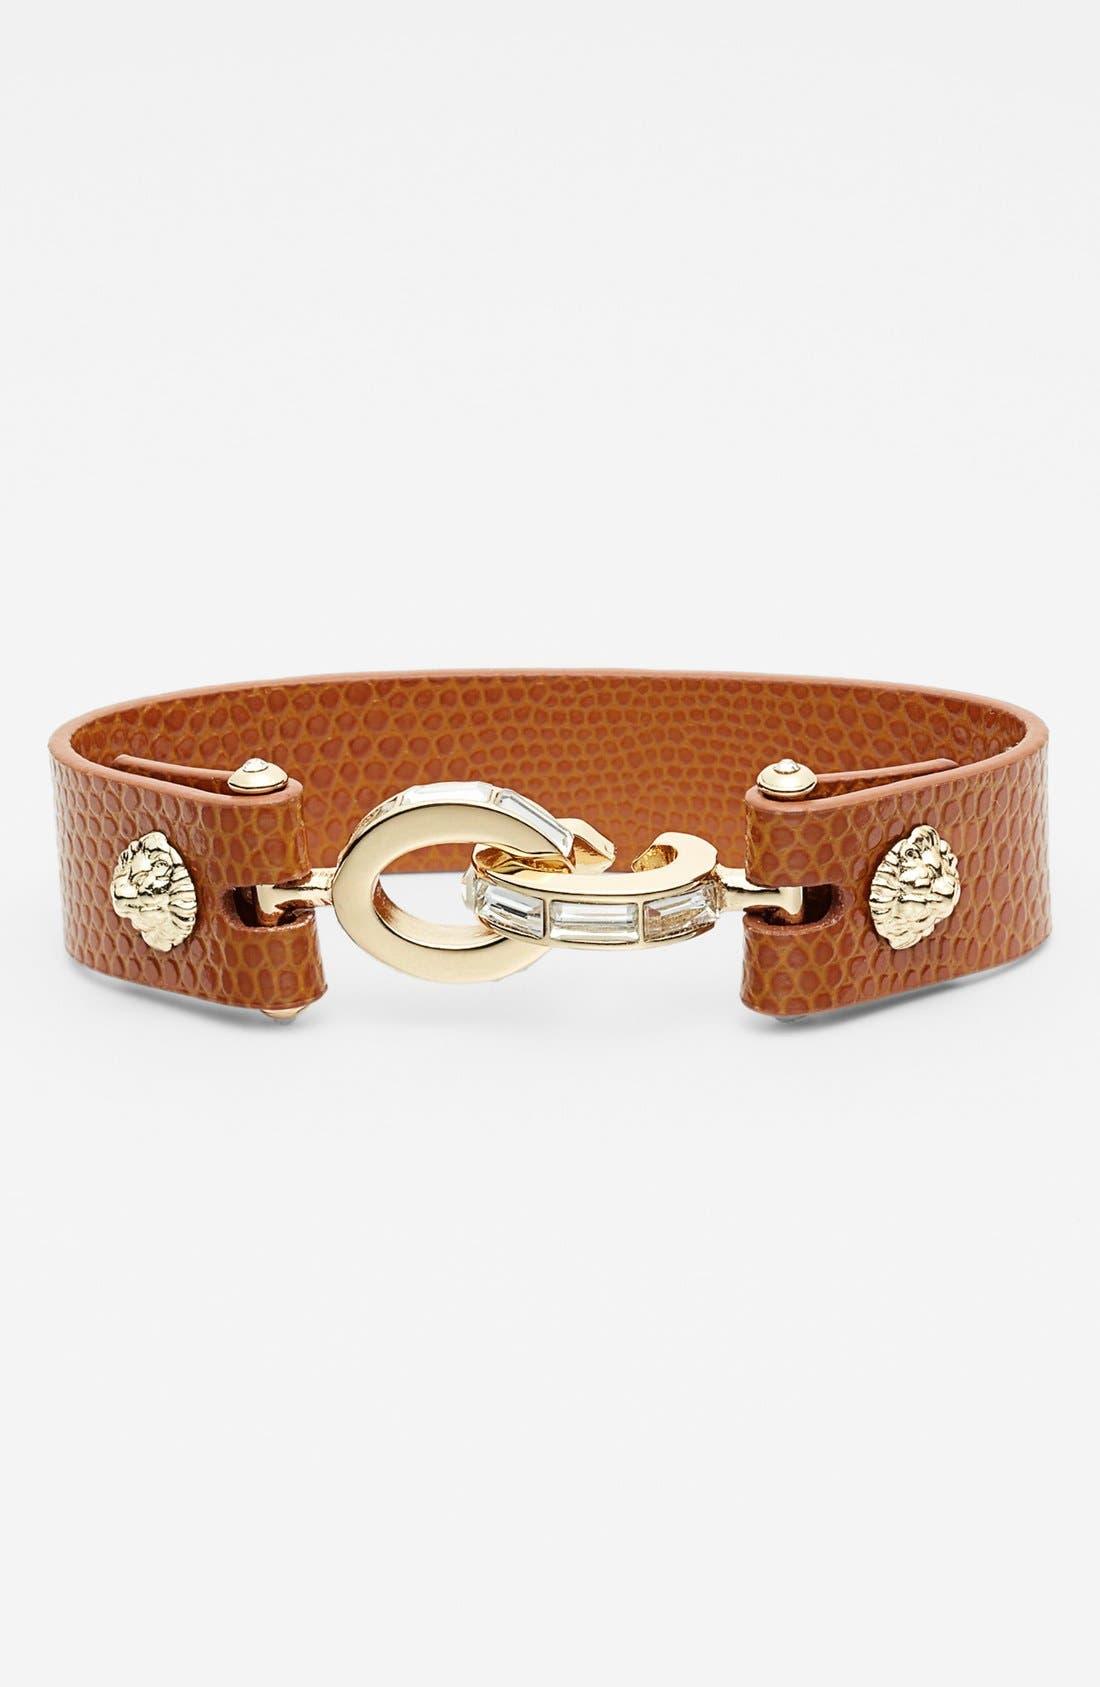 Main Image - Anne Klein Leather & Link Bracelet